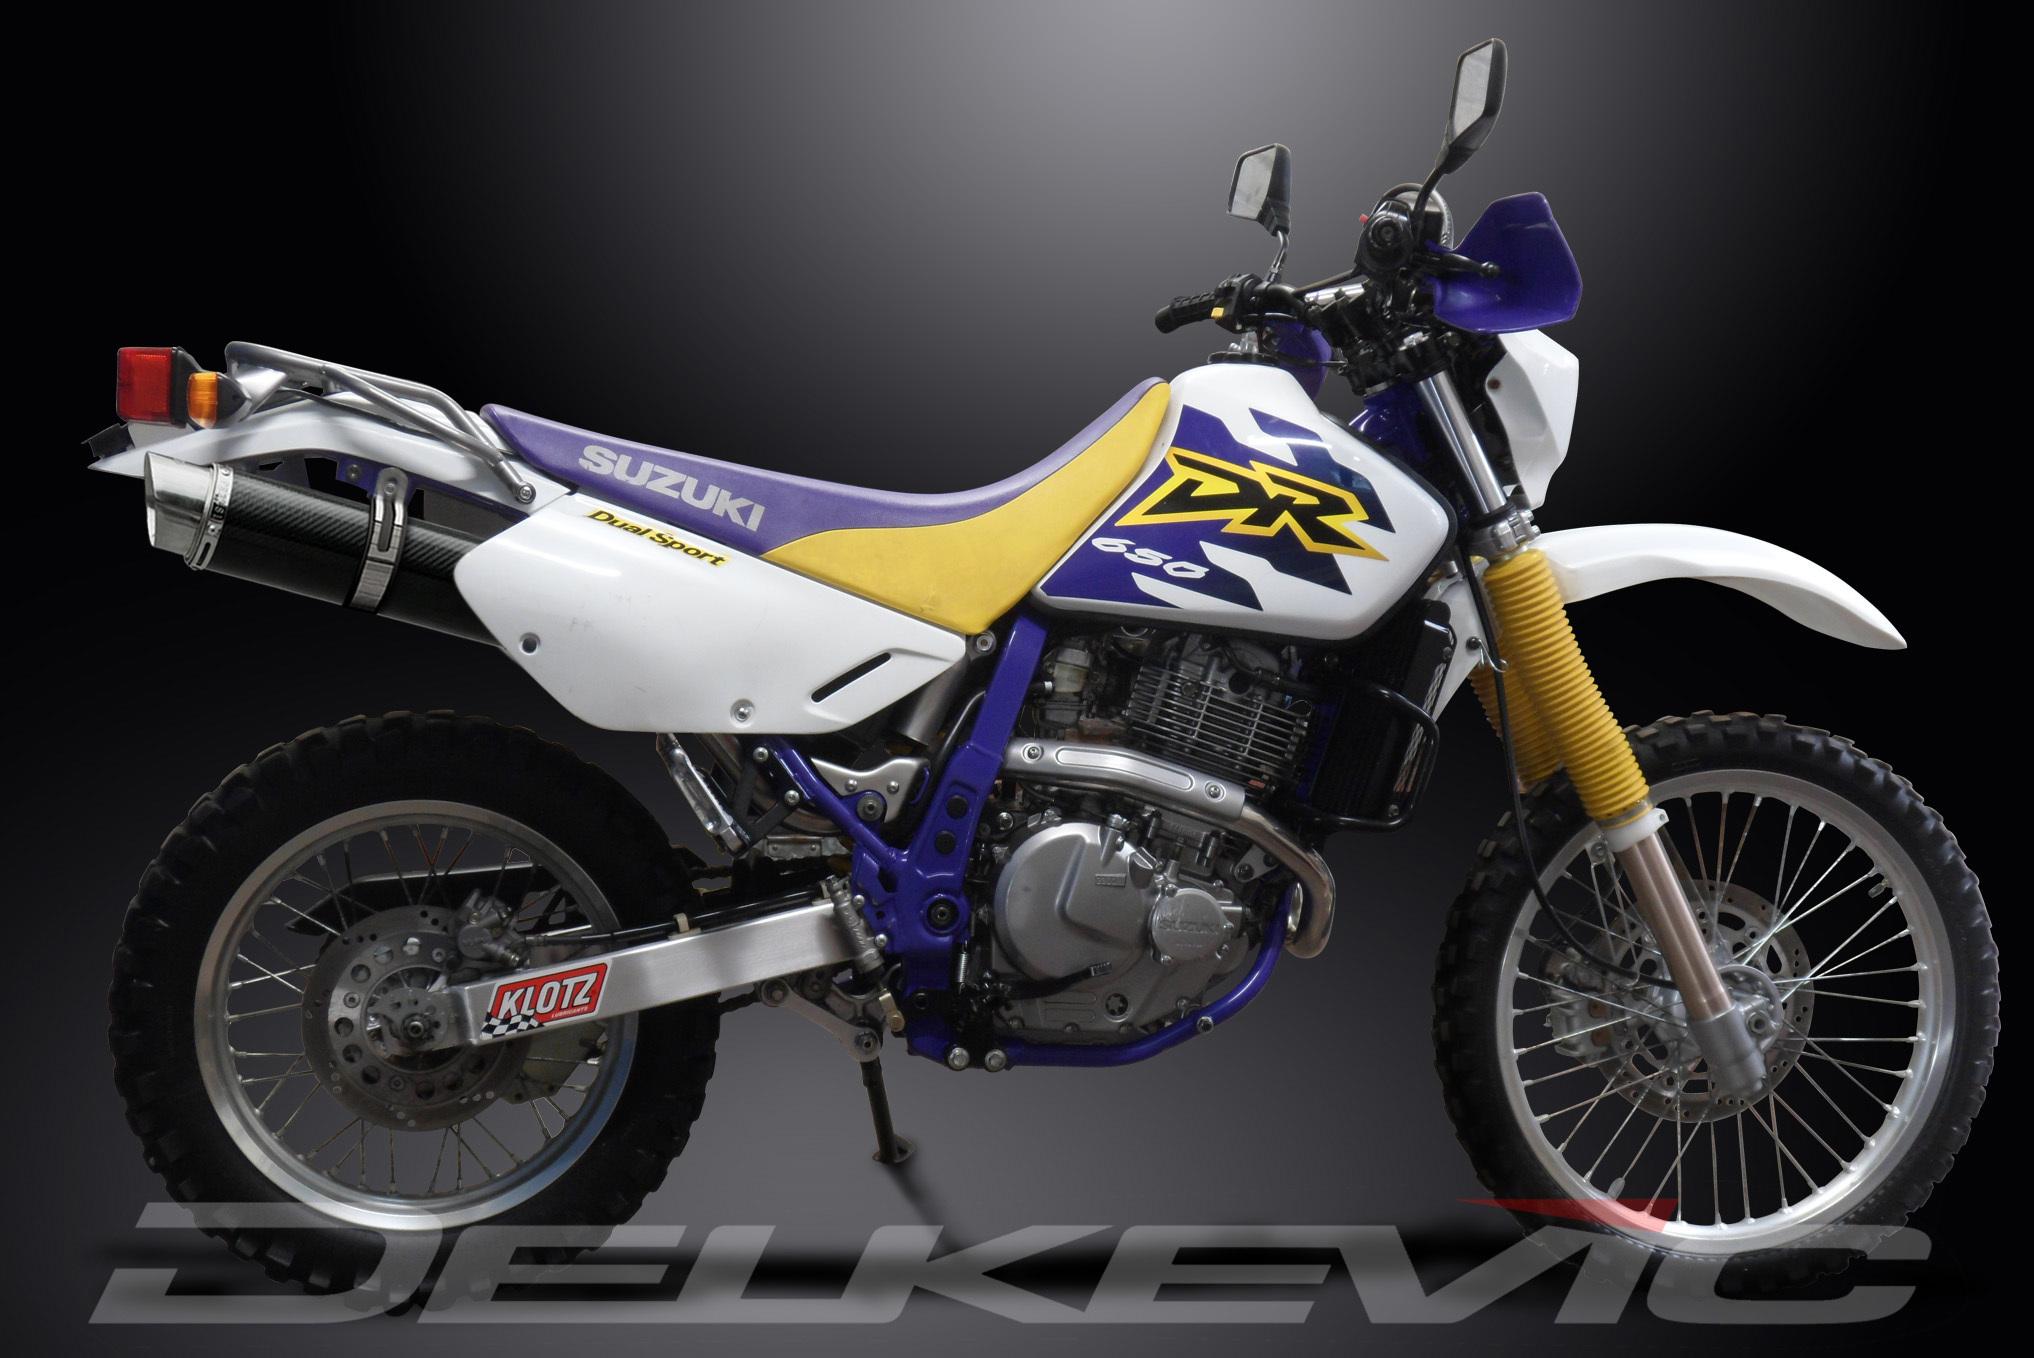 DR650 S & SE